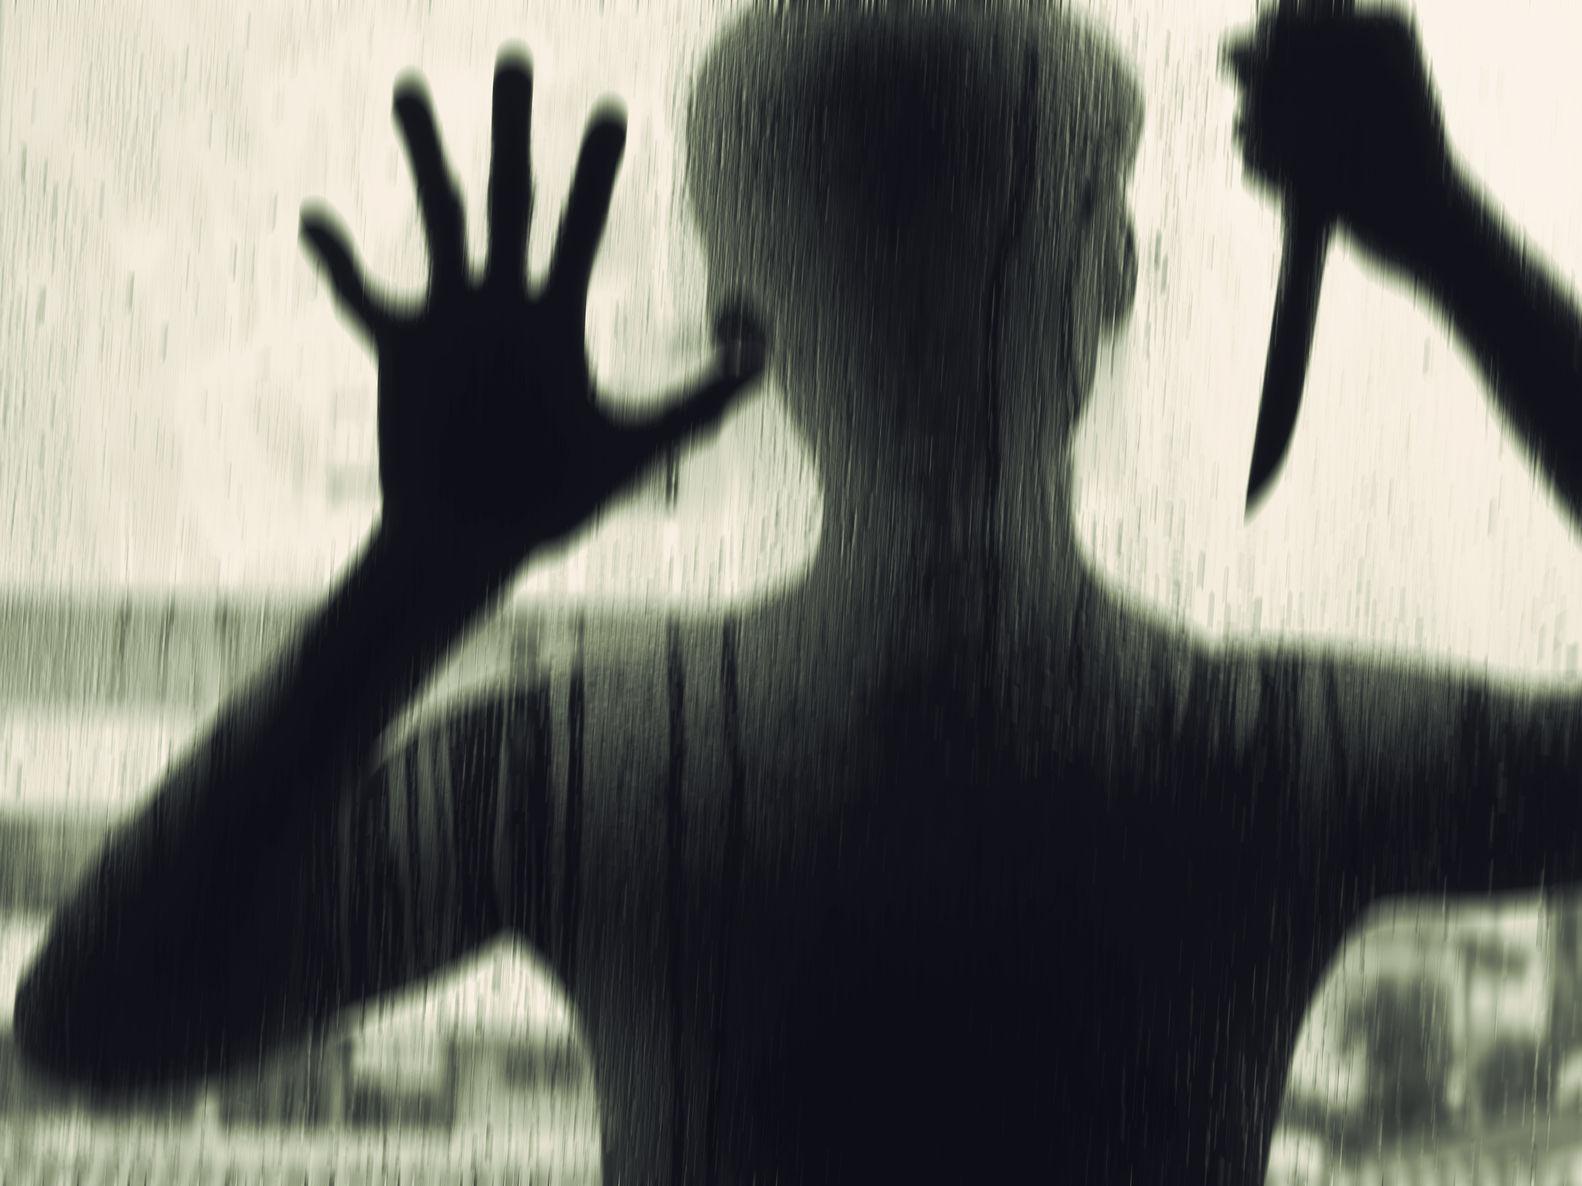 asesino criminal homicida - 123rf